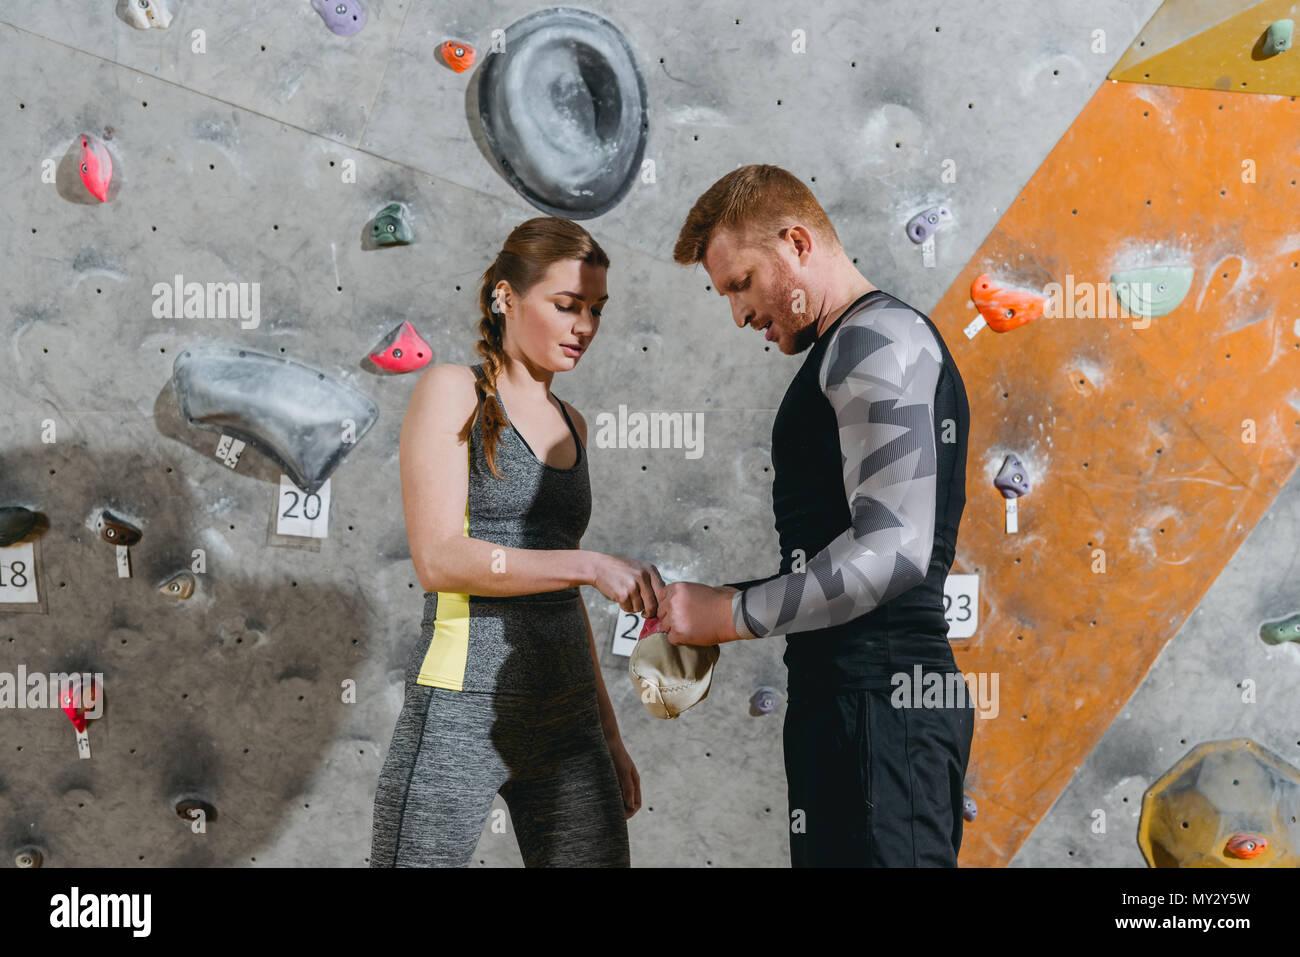 La moitié de la longueur de l'homme et la femme dans une tenue sportive d'appliquer du talc sur les mains d'un sac Photo Stock